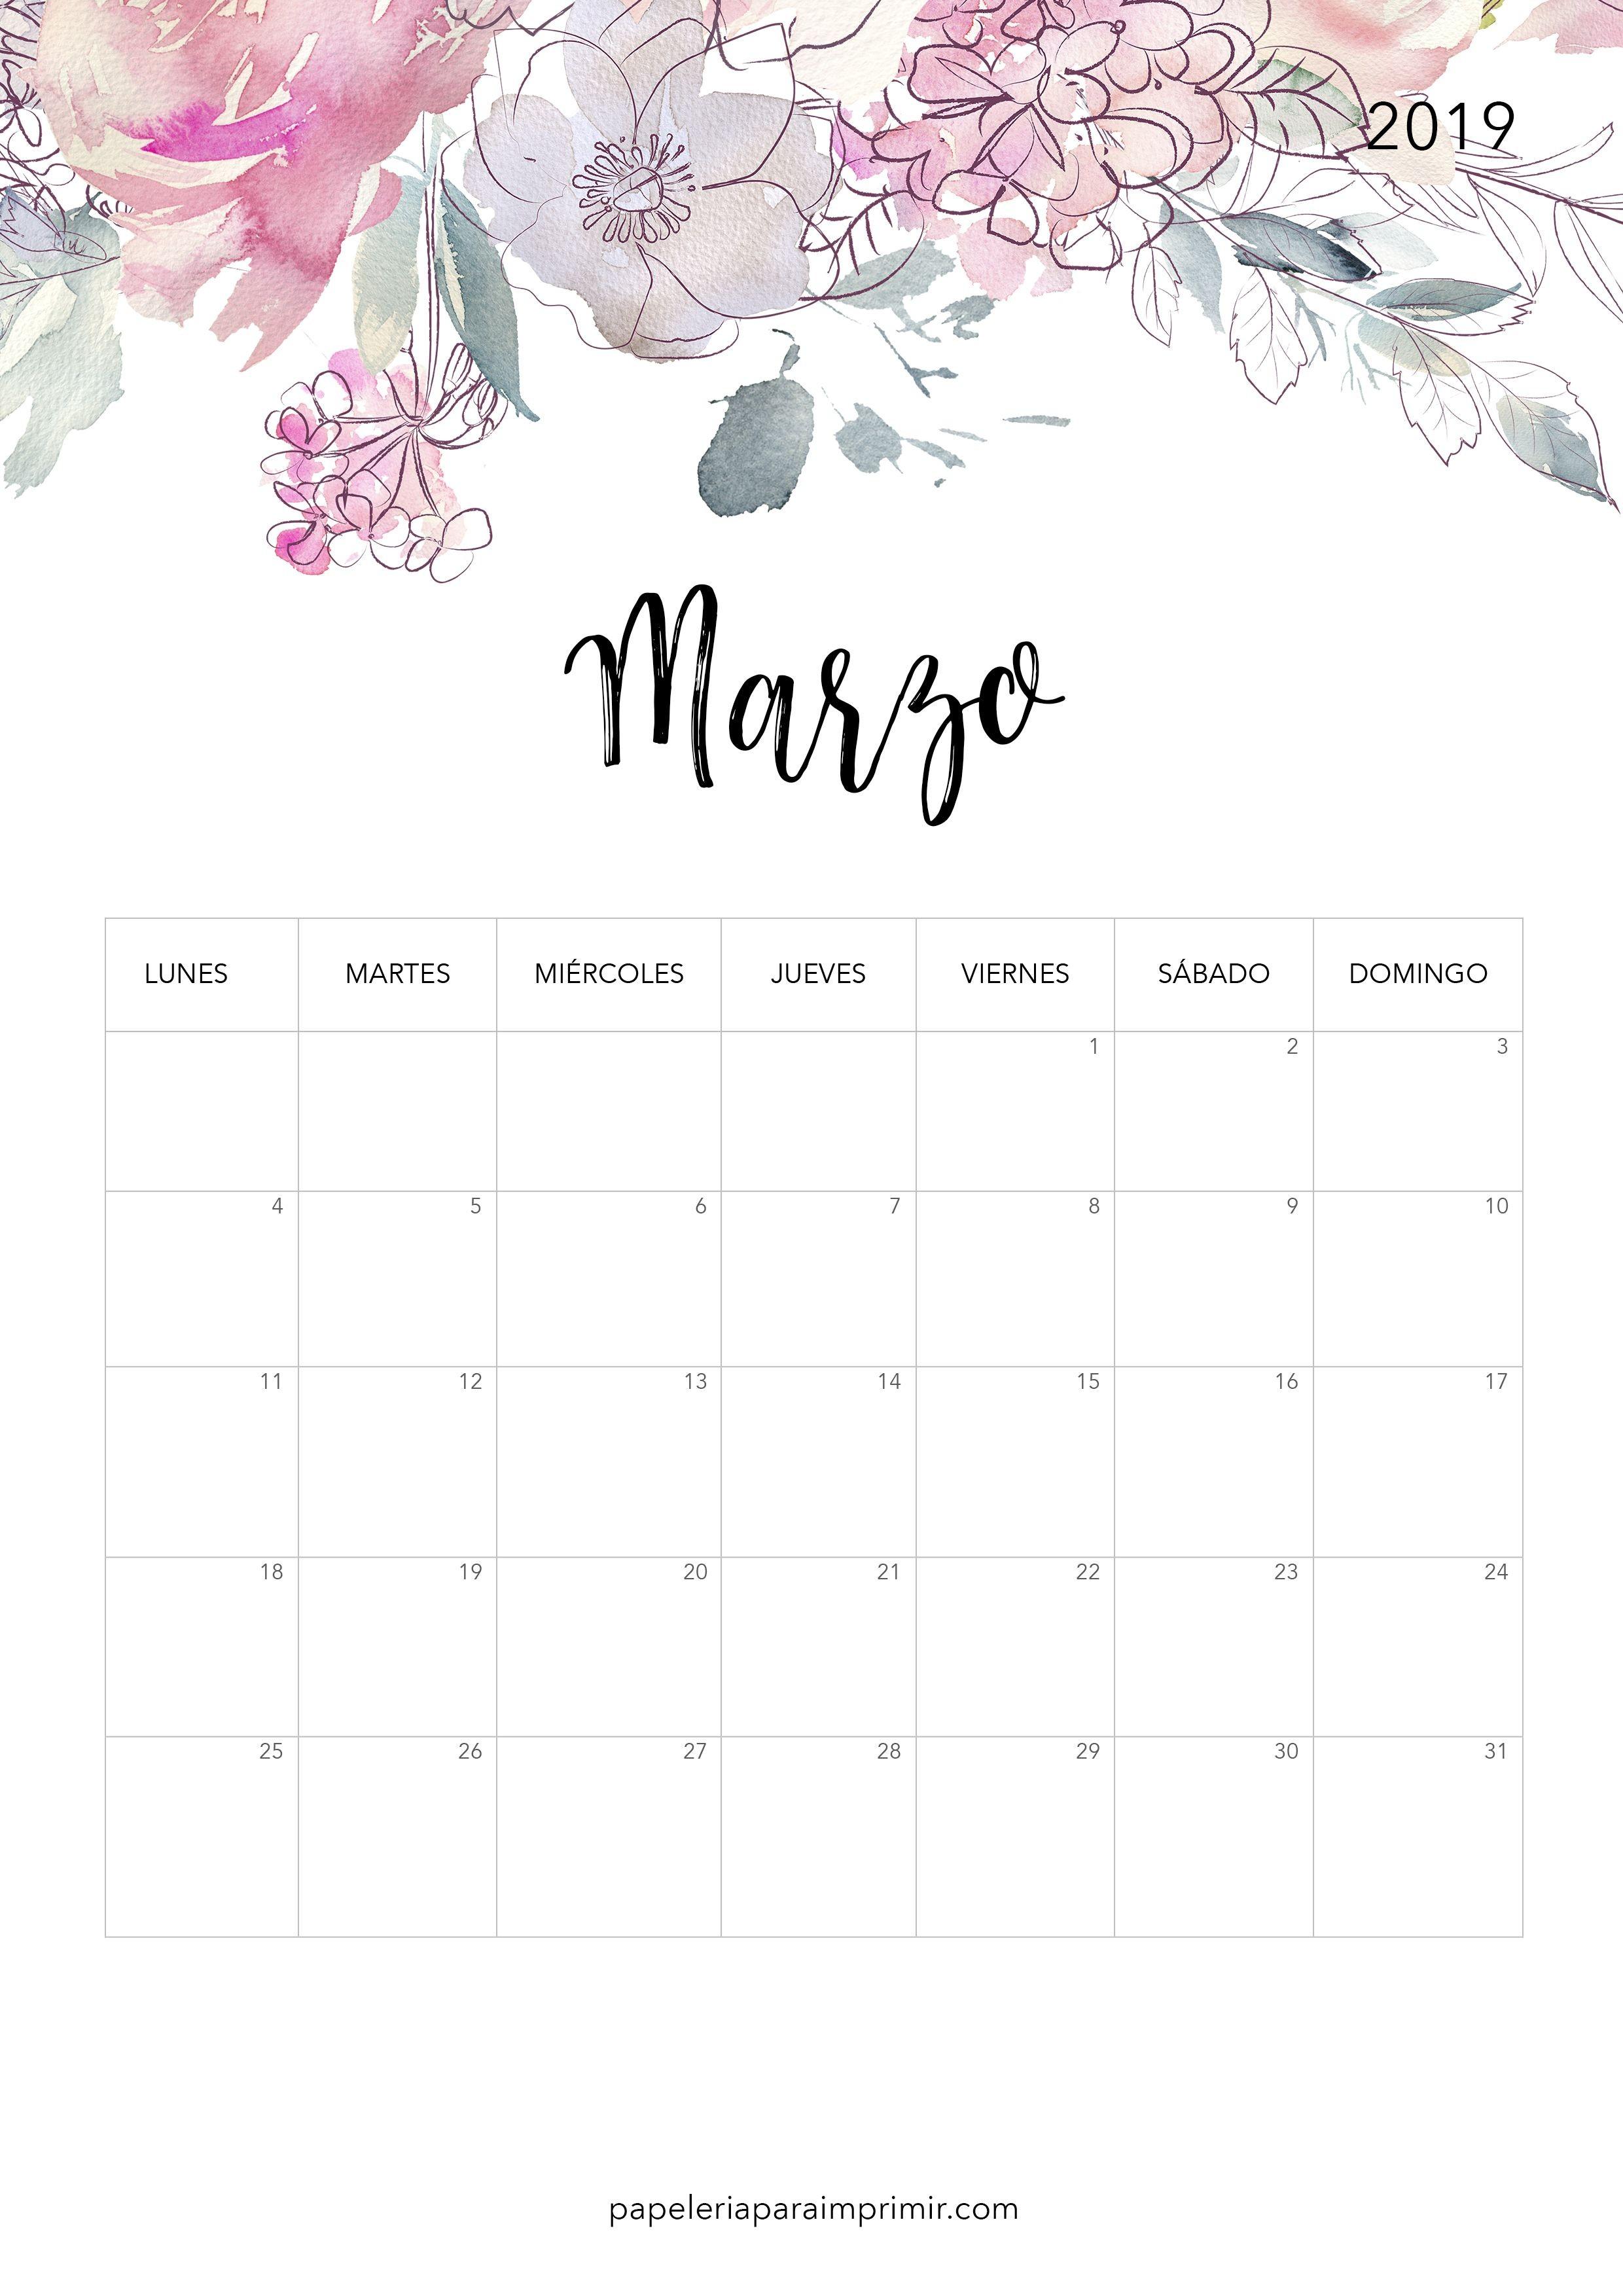 Calendario para imprimir Marzo 2019 calendario imprimir marzo march printable